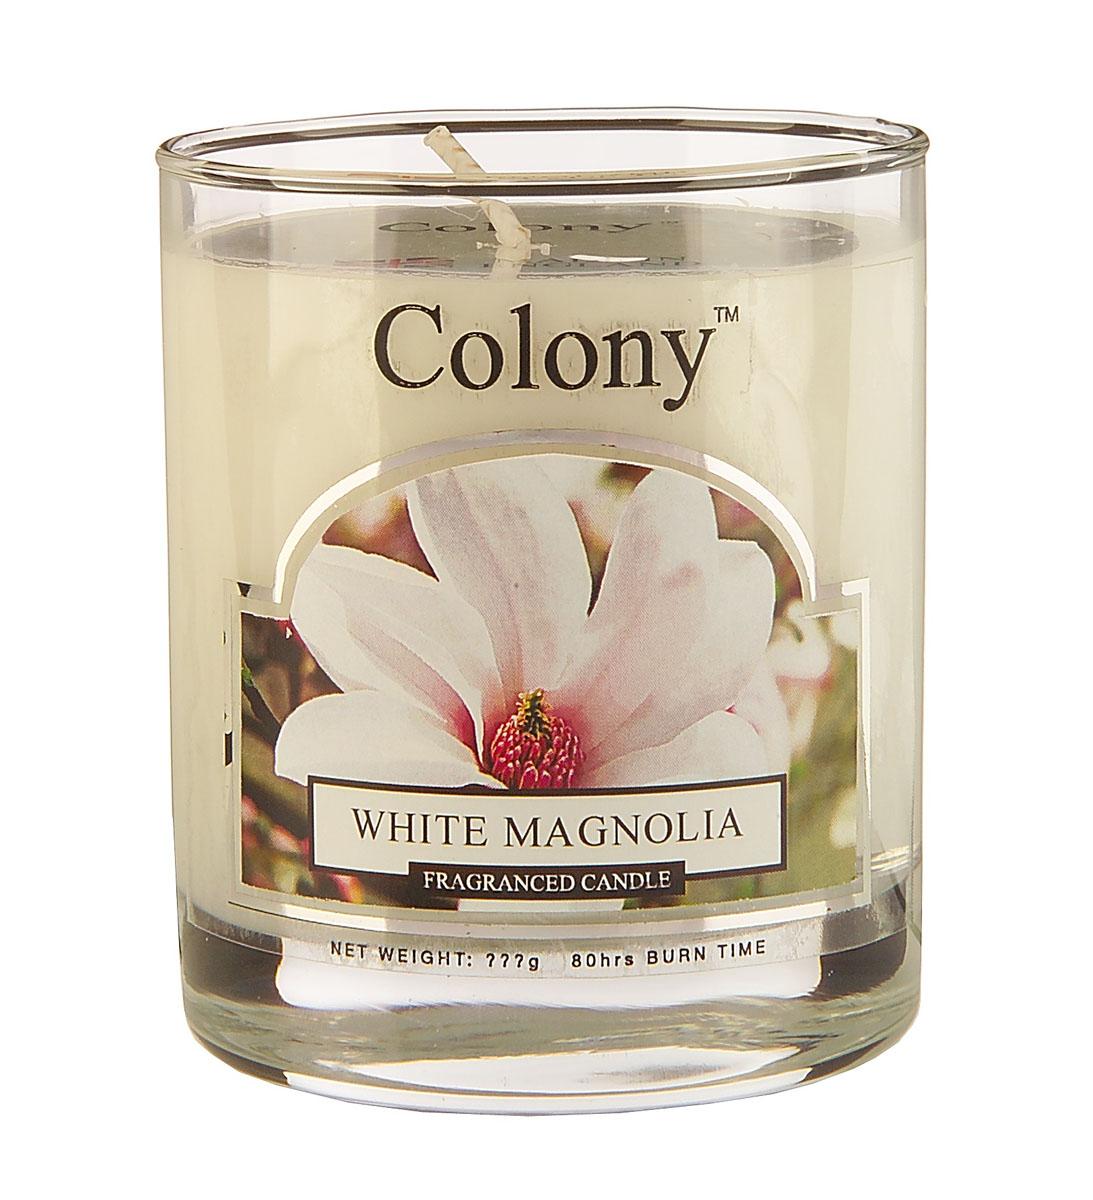 Wax Lyrical Белая магнолия ароматизированная свеча в стекле малая, 35 часовU210DFАромат весенне-летнего букетаиз белых магнолий, роз, гардений, фрезий и сирени в сочетаниис нотками спелых персиков,на основе сандала и мускуса